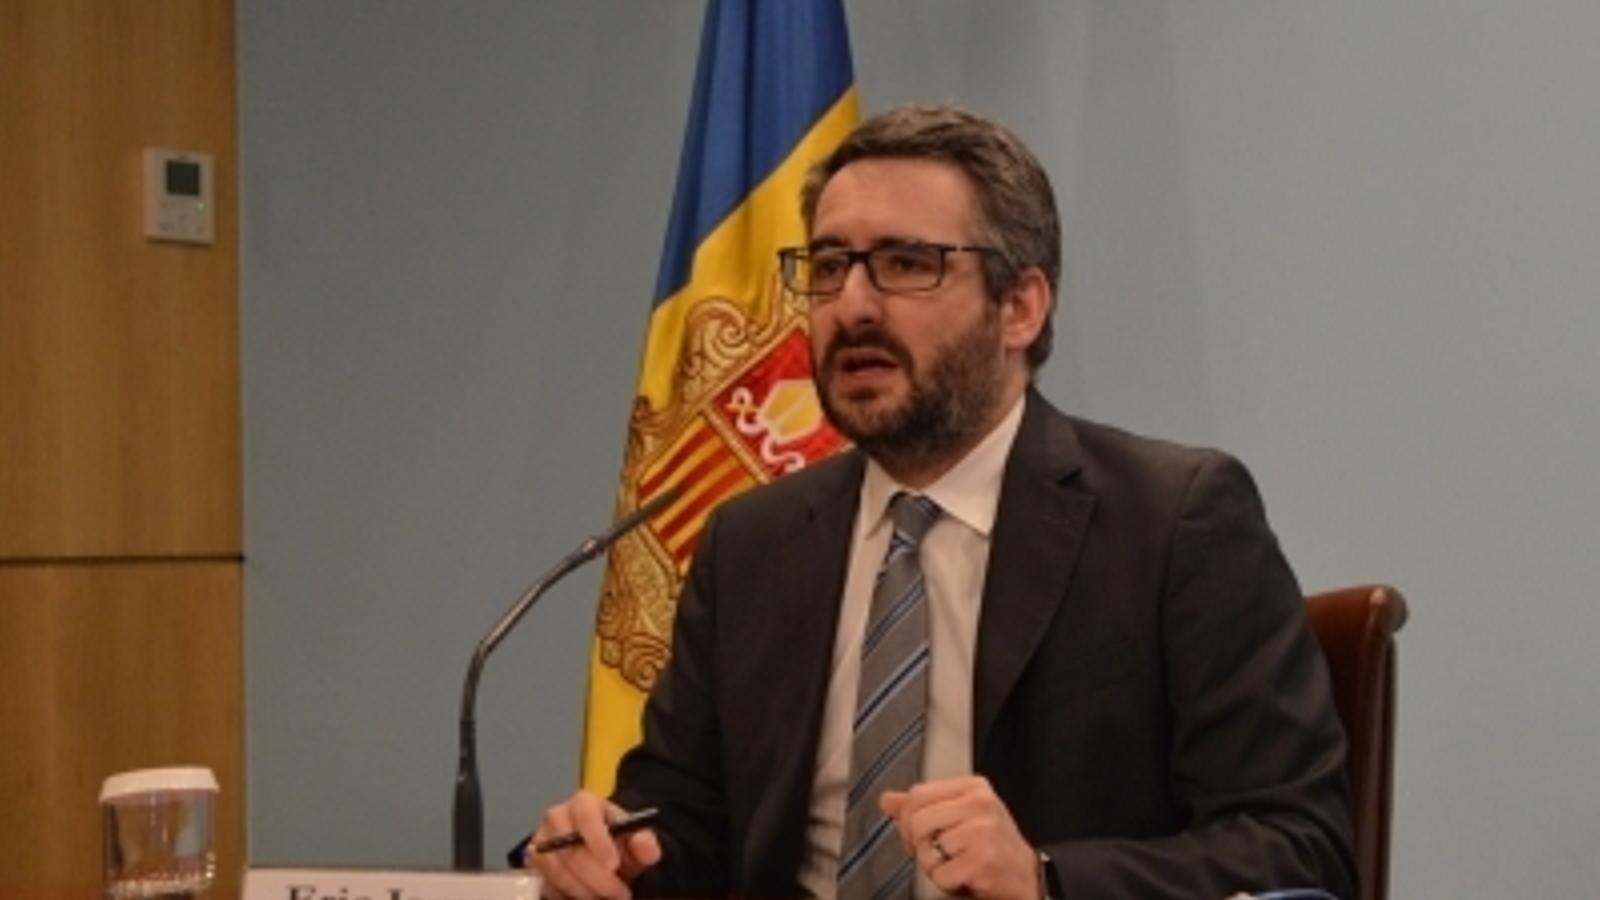 El ministre portaveu, Eric Jover, durant la roda de premsa posterior al consell de ministres d'aquest dimecres. / M.F. (ANA)